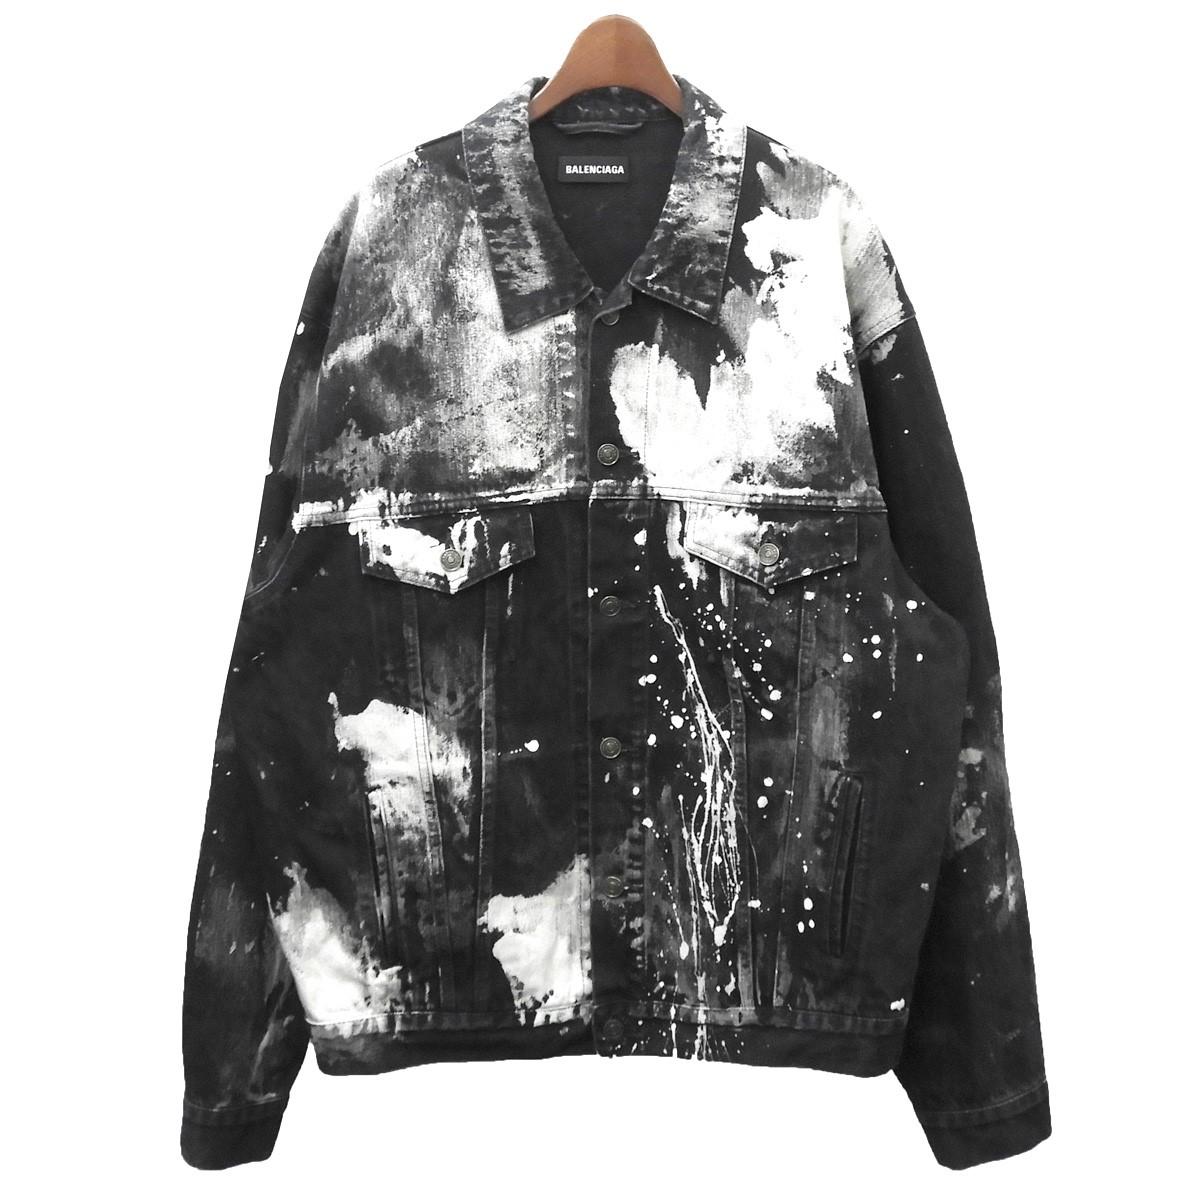 【中古】BALENCIAGA ブリーチペイントステインデニムジャケット ブラック サイズ:46 【280420】(バレンシアガ)